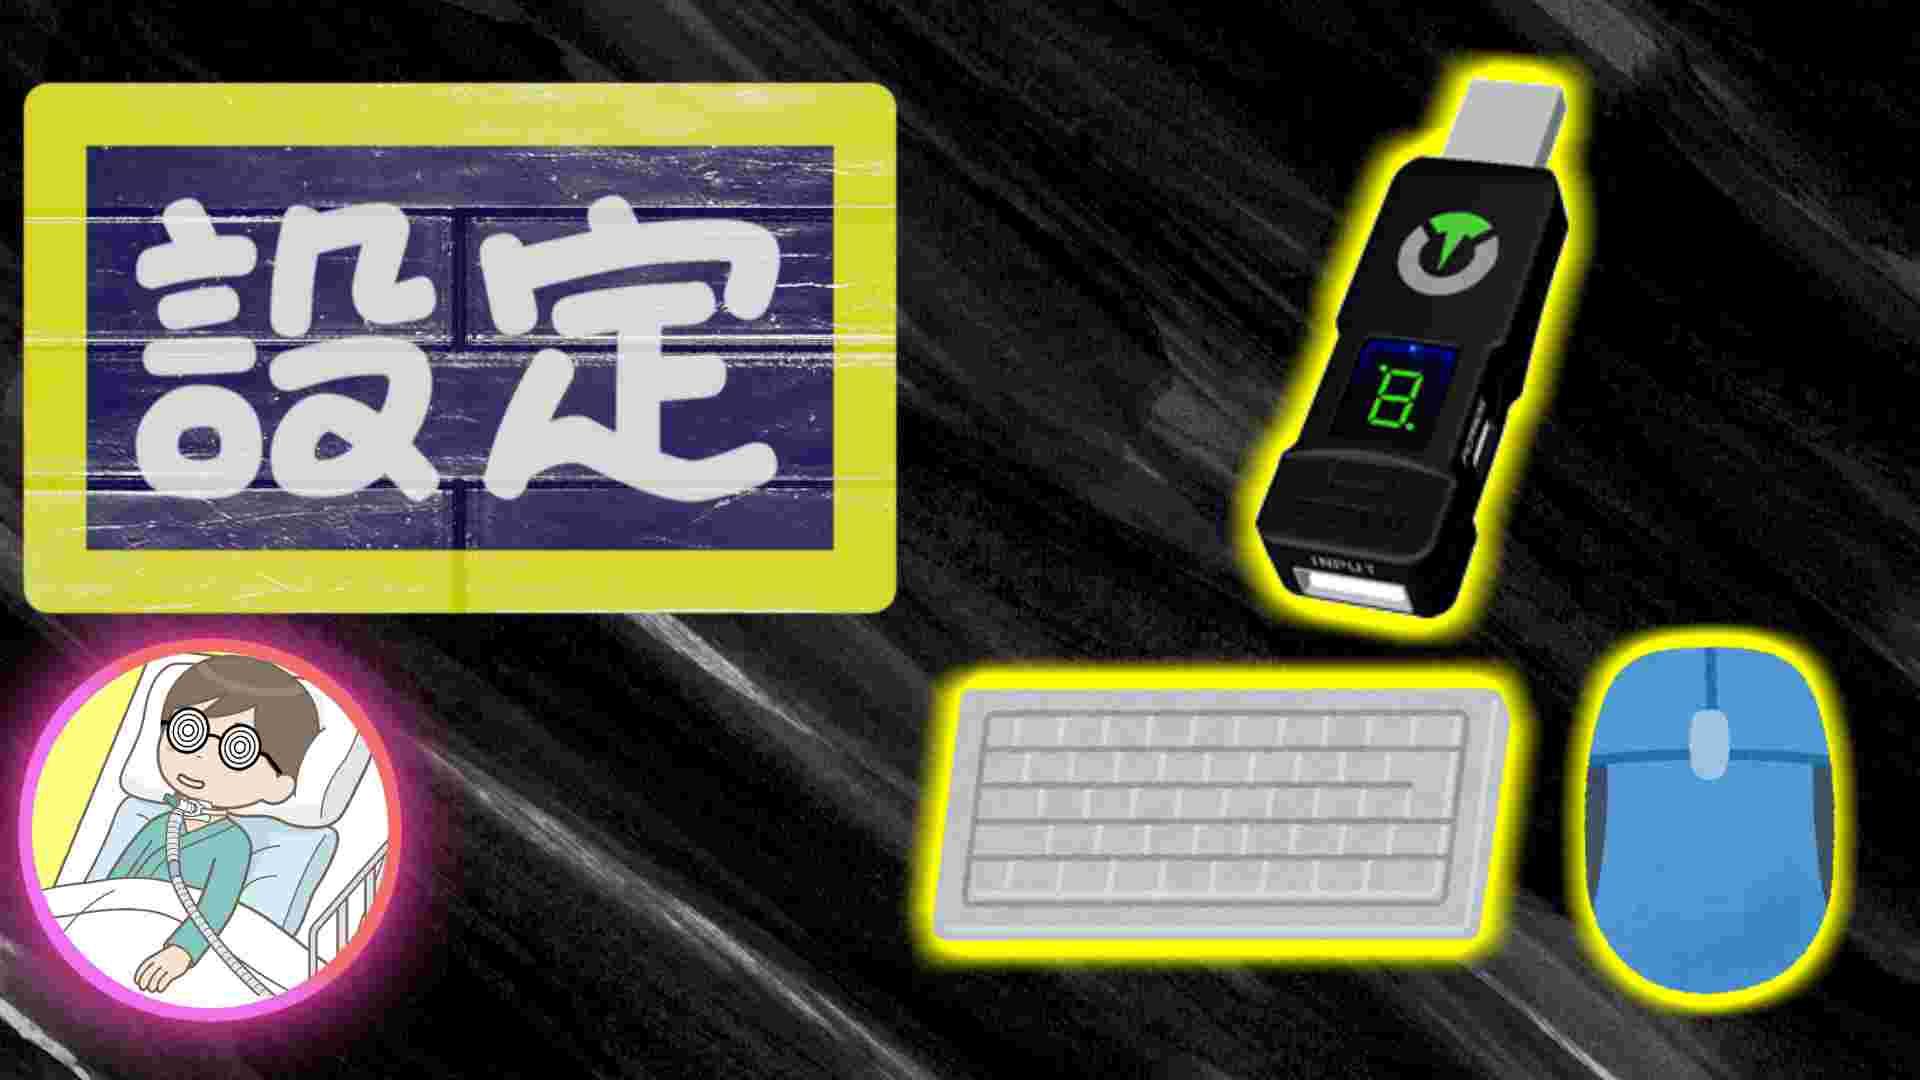 ブログ記事「コンバーターTitan Oneのキーボード/マウス設定MaxAim DI編【福祉用途にも使える!】」のサムネイル画像